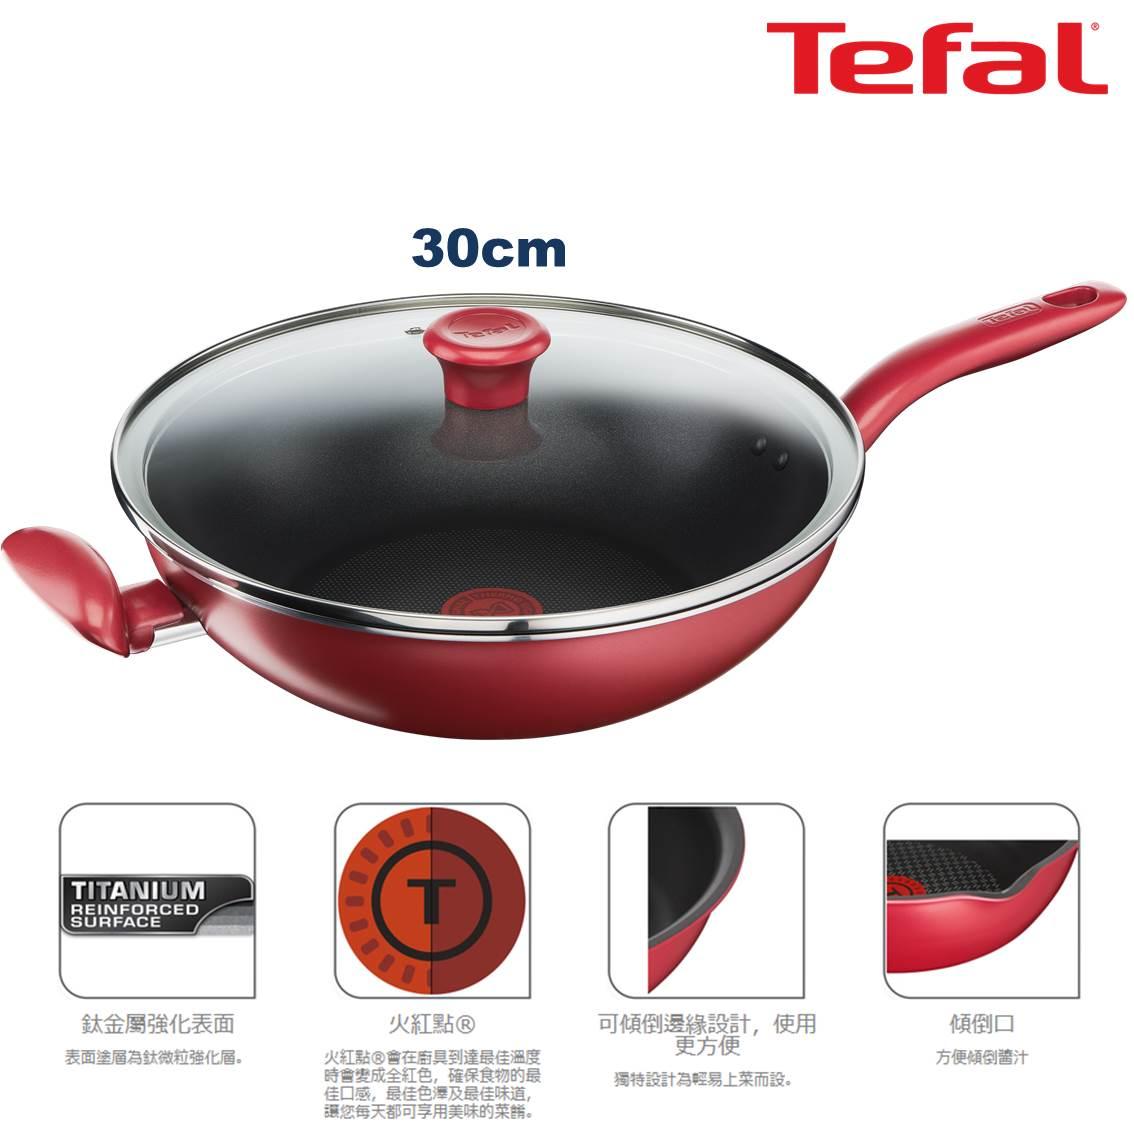 特福雅致紅30cm  炒鍋連火紅點及玻璃蓋